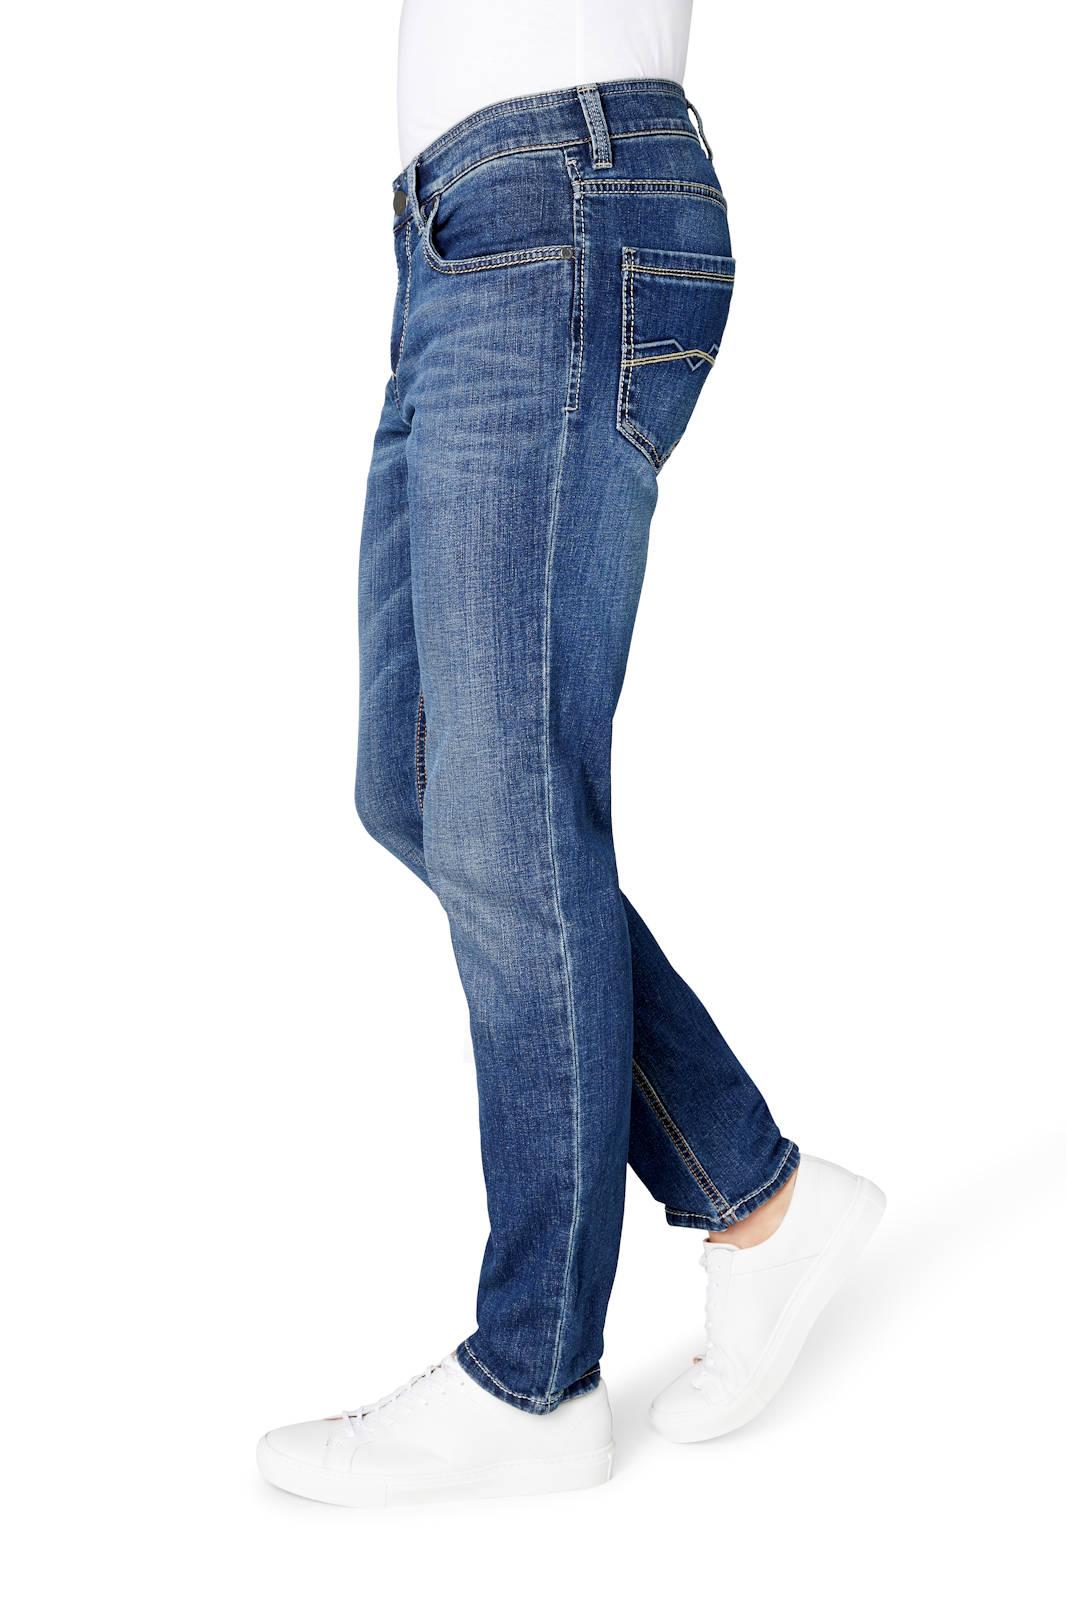 Atelier-GARDEUR-Jeans-BATU-2-Modern-Fit-Herren-Hose-Slim-Leg-Denim-NEU Indexbild 7